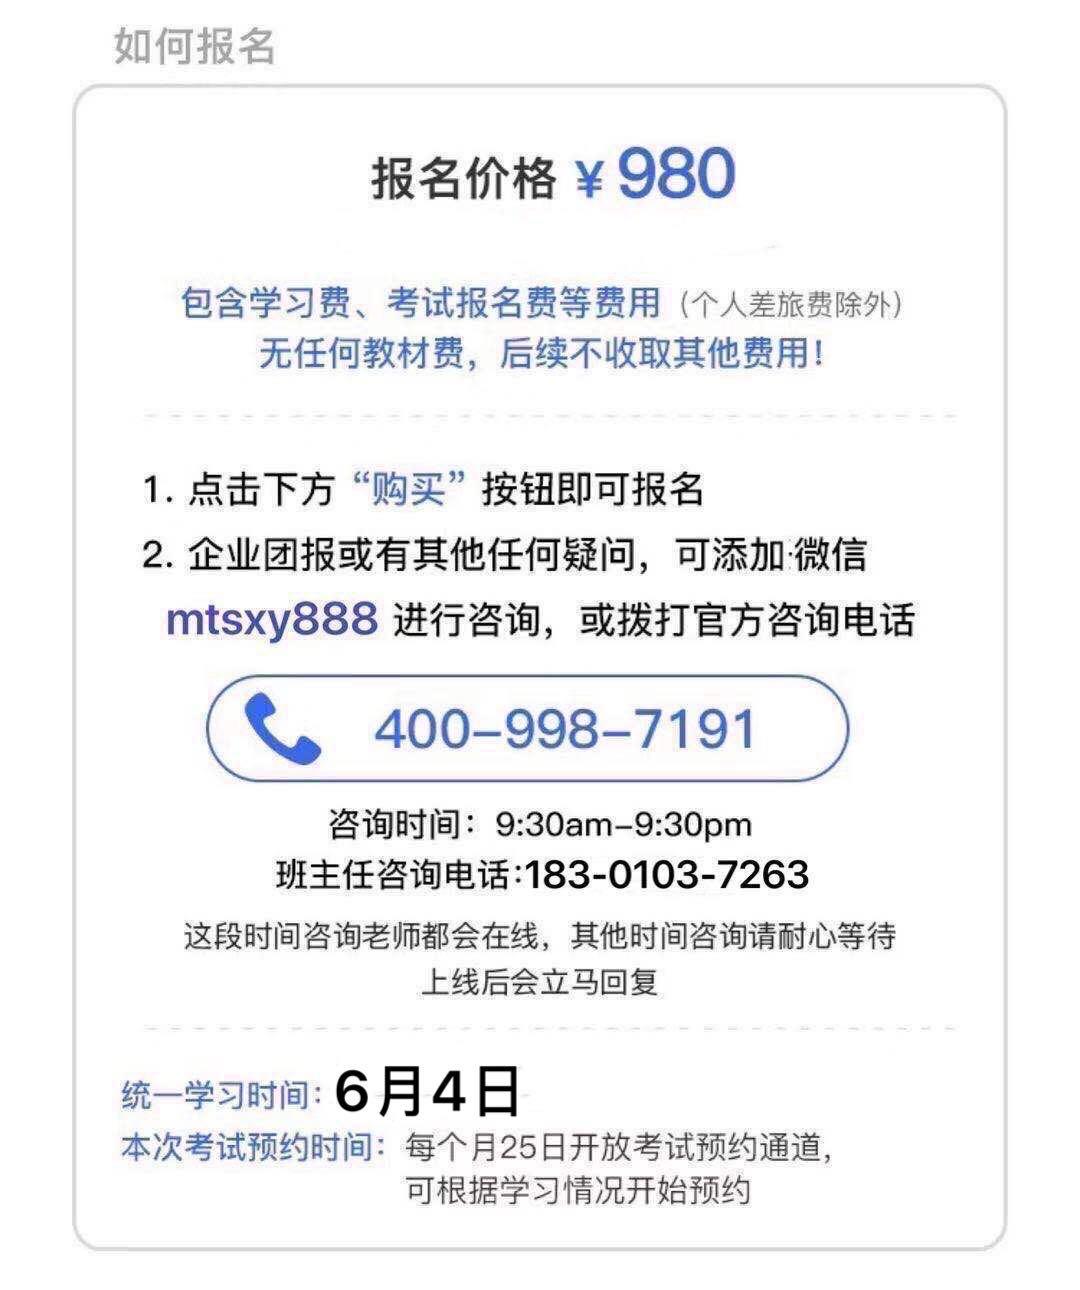 http://mtedu-img.oss-cn-beijing-internal.aliyuncs.com/ueditor/20200531220205_245033.jpeg